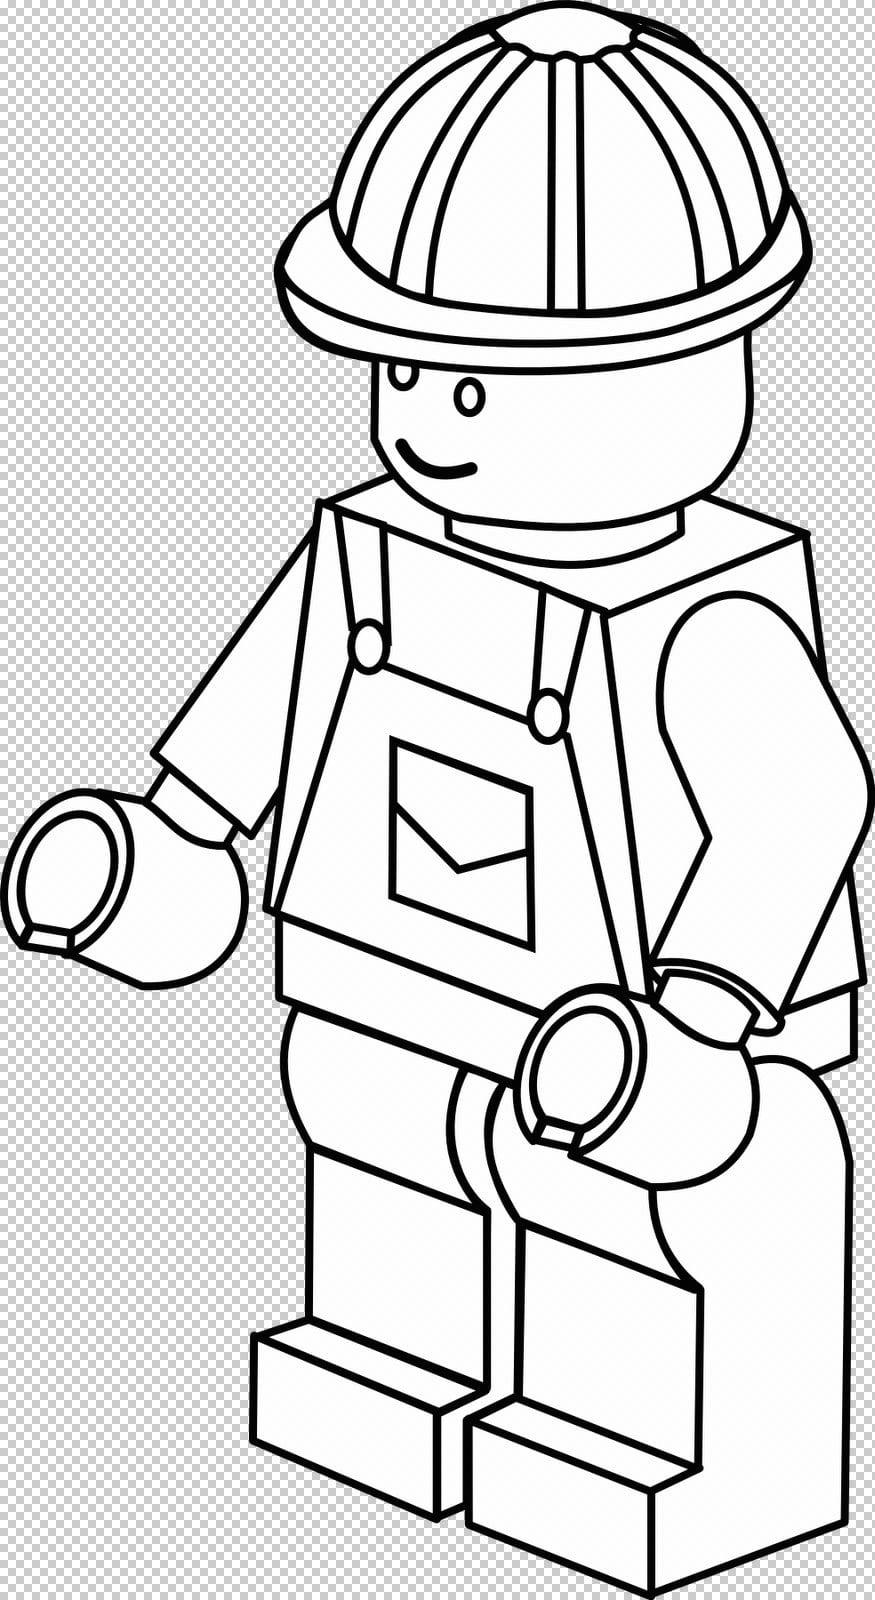 Lego City – Desenhos Para Pintar, Imprimir E Colorir – Desenhos